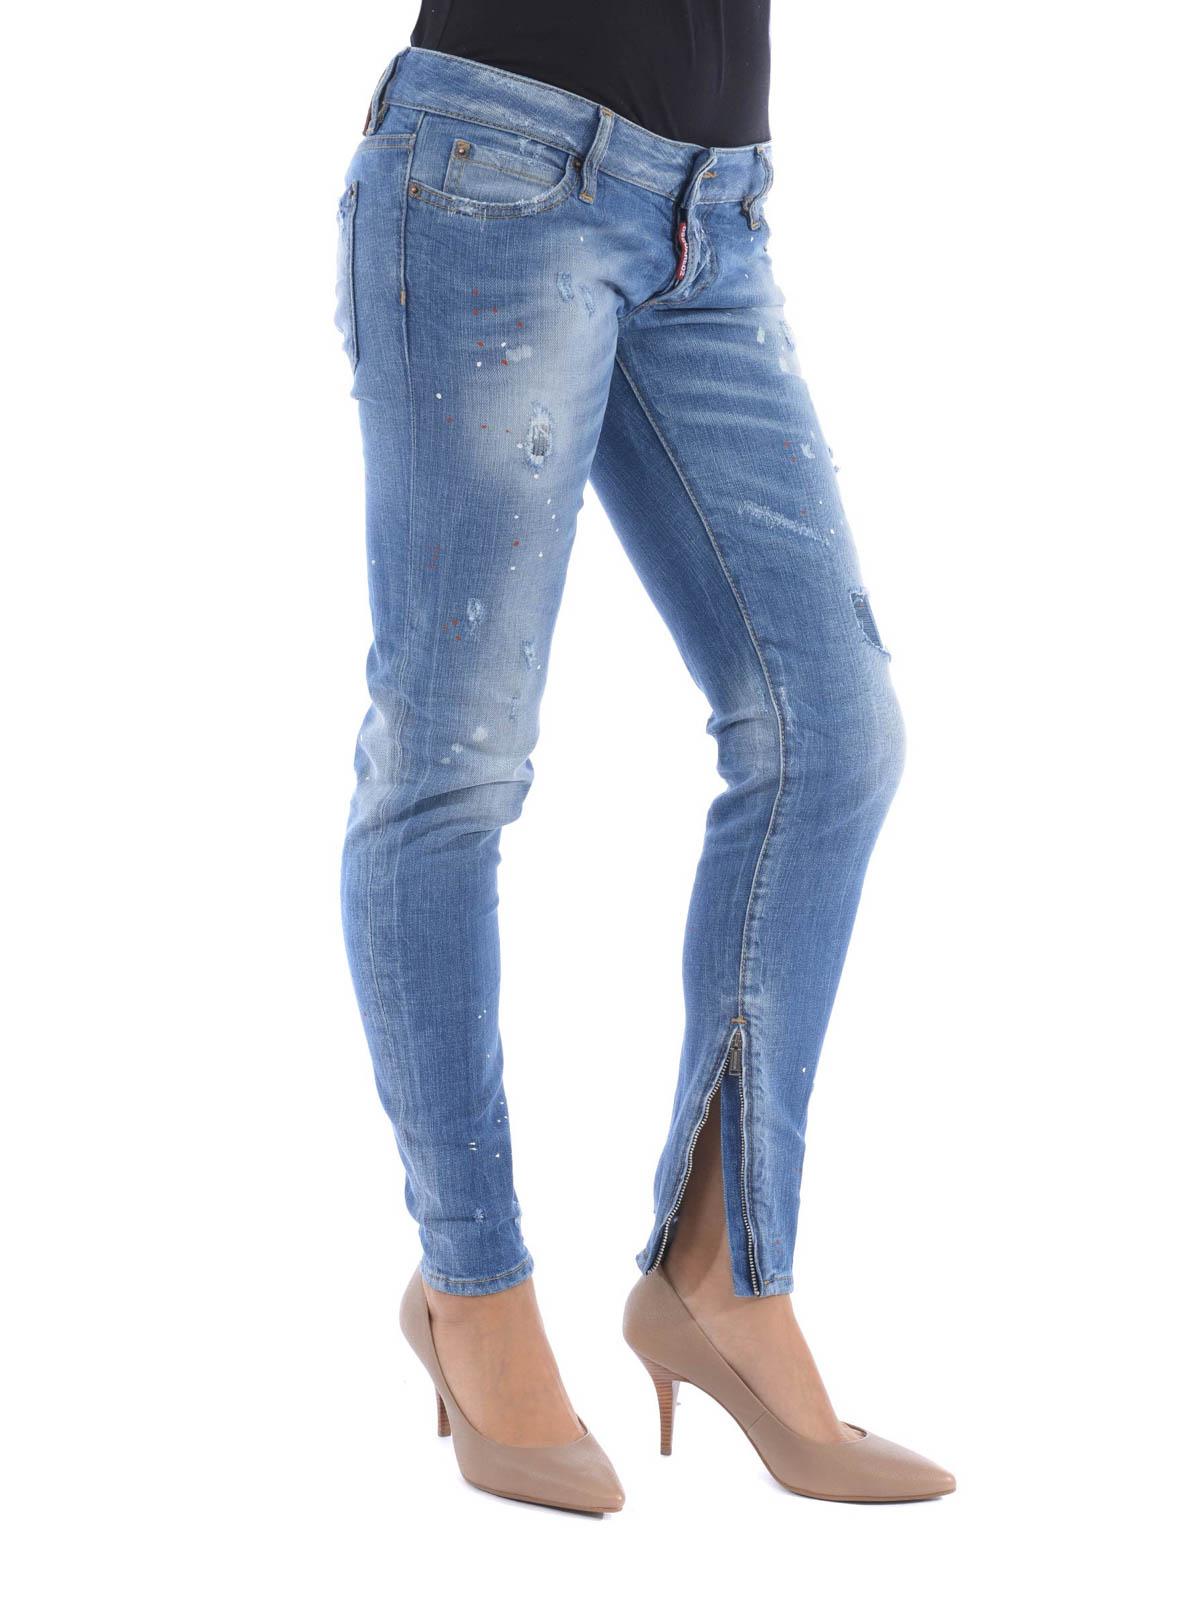 Dsquared2 - Jeans Skinny Jean - jeans skinny - S72LA0826 S30144 470 3cb43502b788